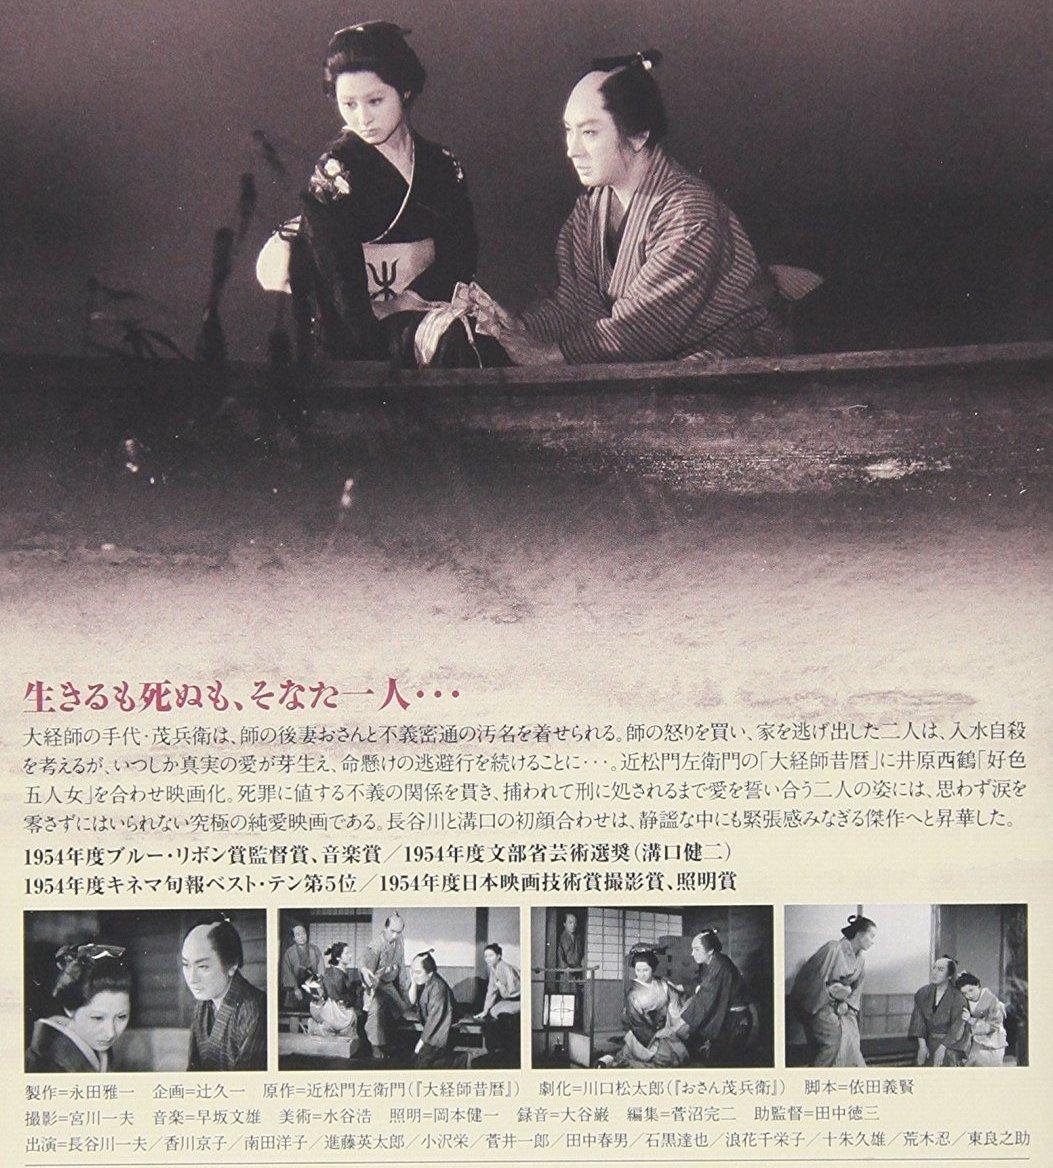 雨の恵比寿・・・不義密通・・・「近松物語」_f0152733_09342495.jpg